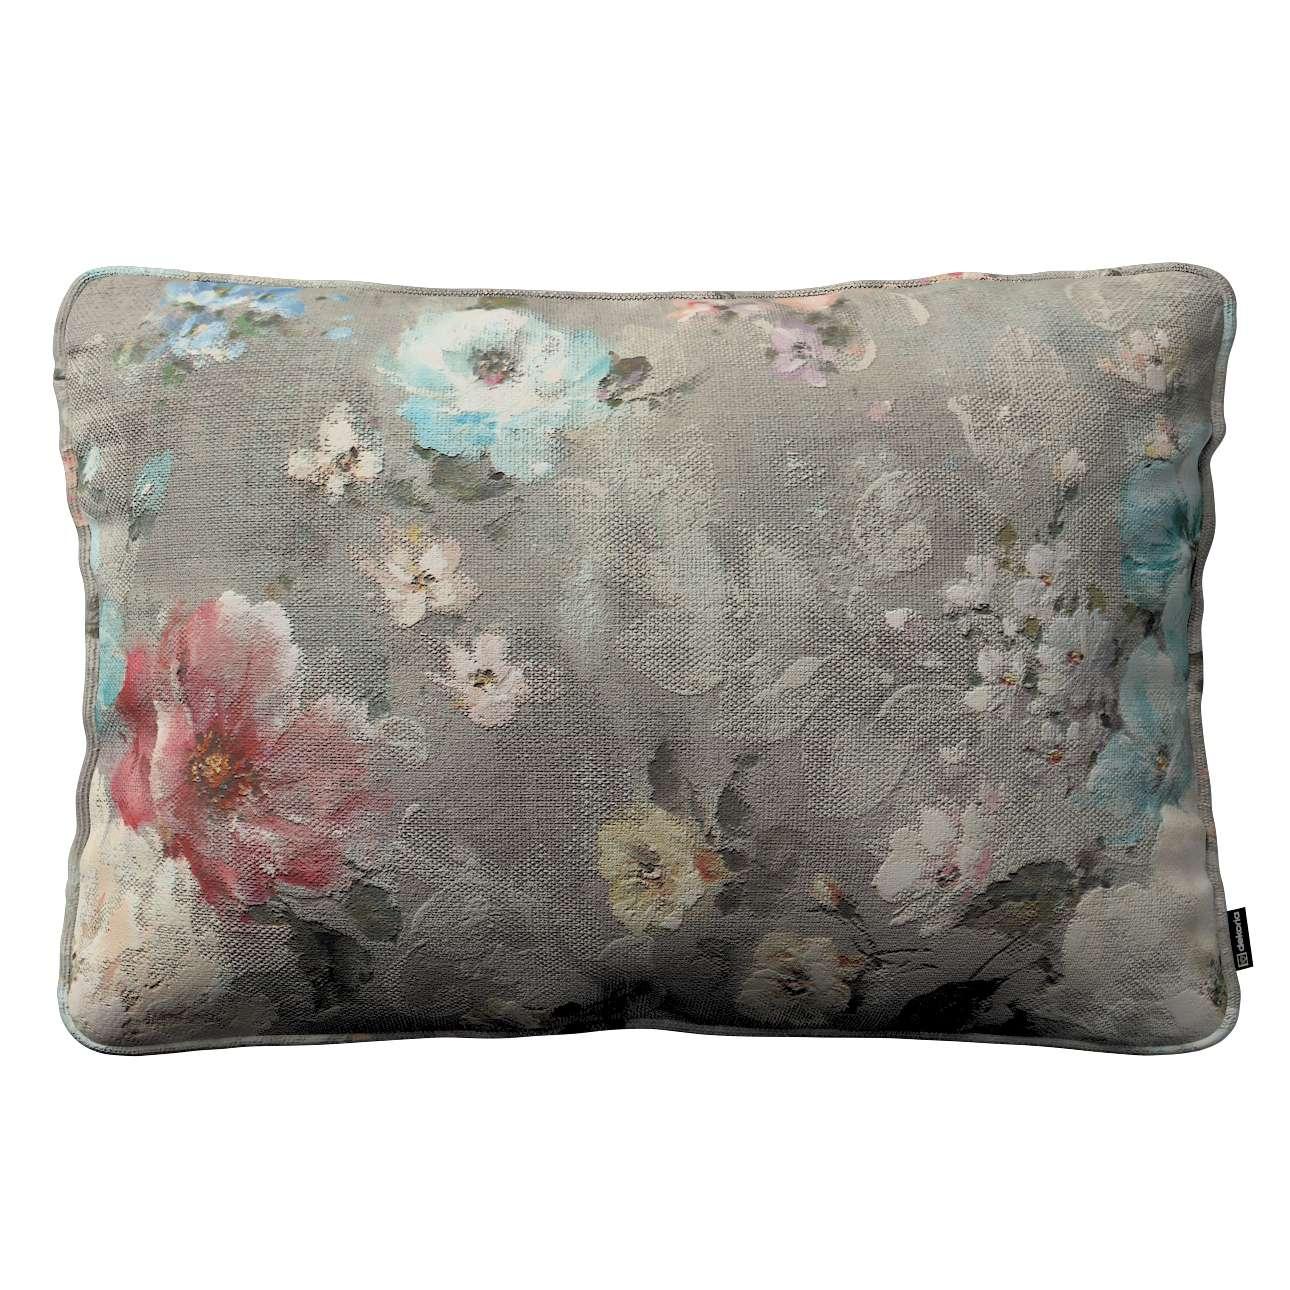 Poszewka Gabi na poduszkę prostokątna 60 x 40 cm w kolekcji Monet, tkanina: 137-81